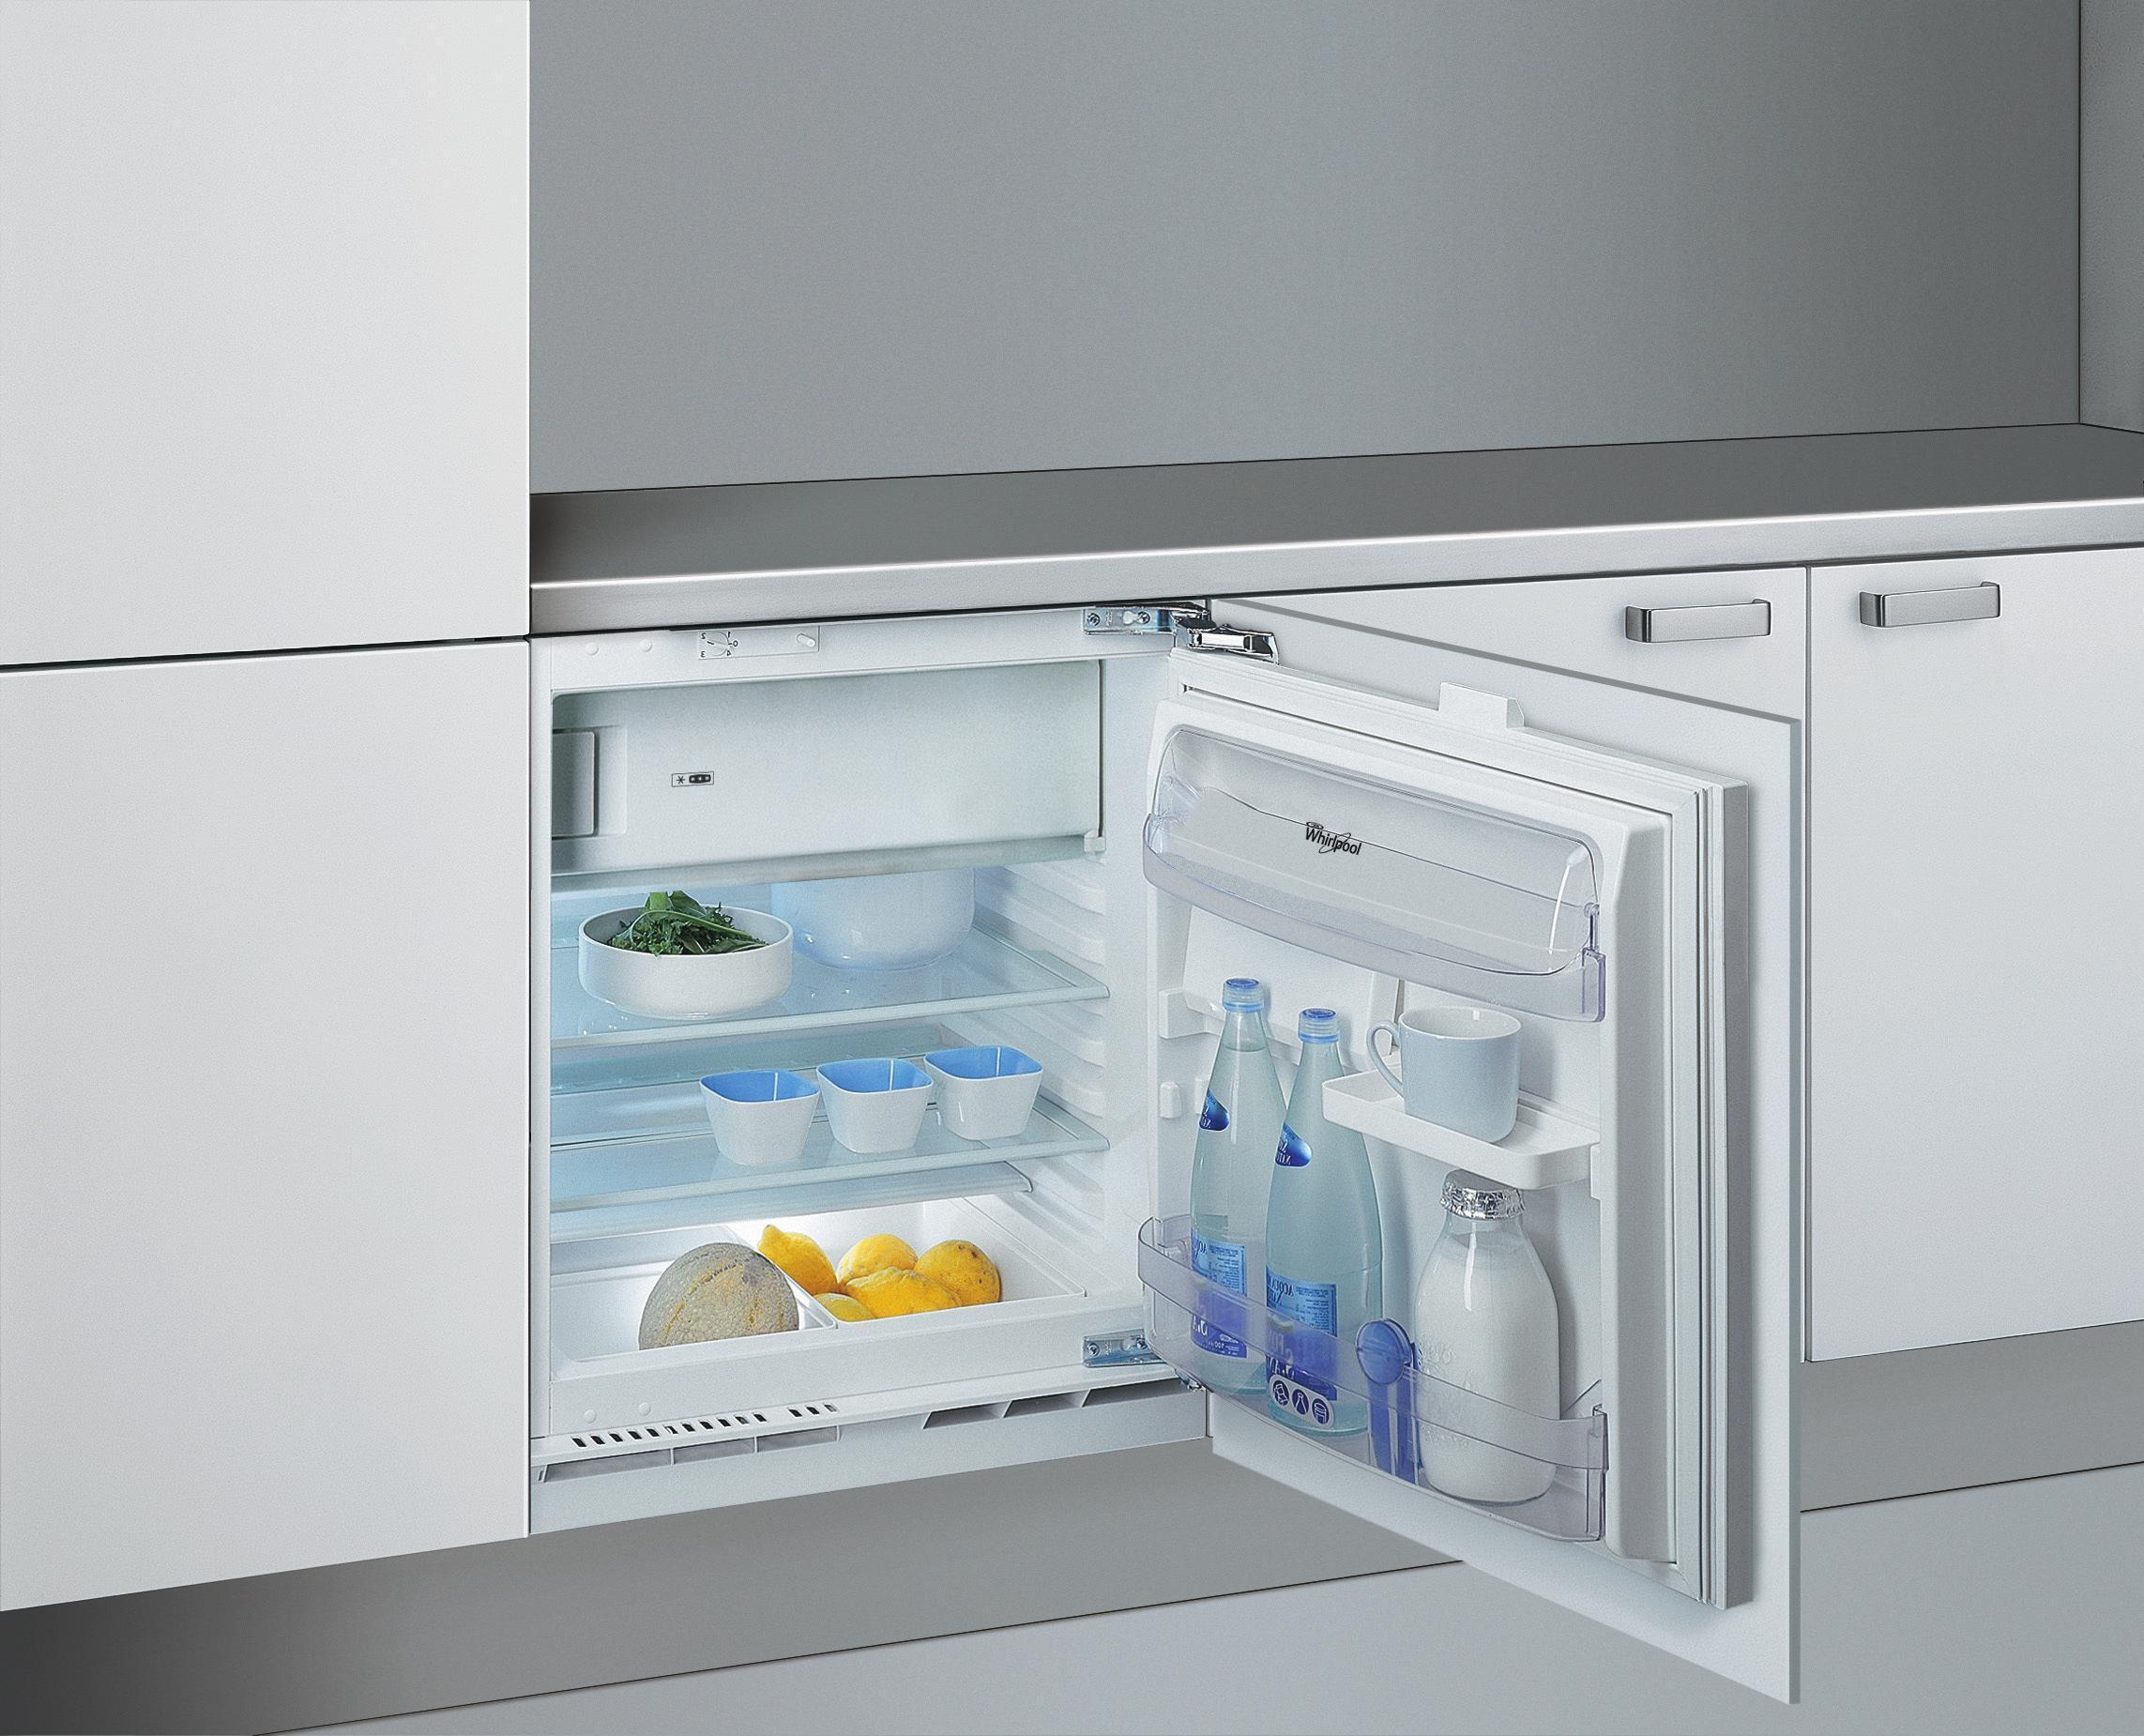 Siemens Unterbau Kühlschrank Mit Gefrierfach : Whirlpool unterbaukühlschrank mit gefrierfach arg a online